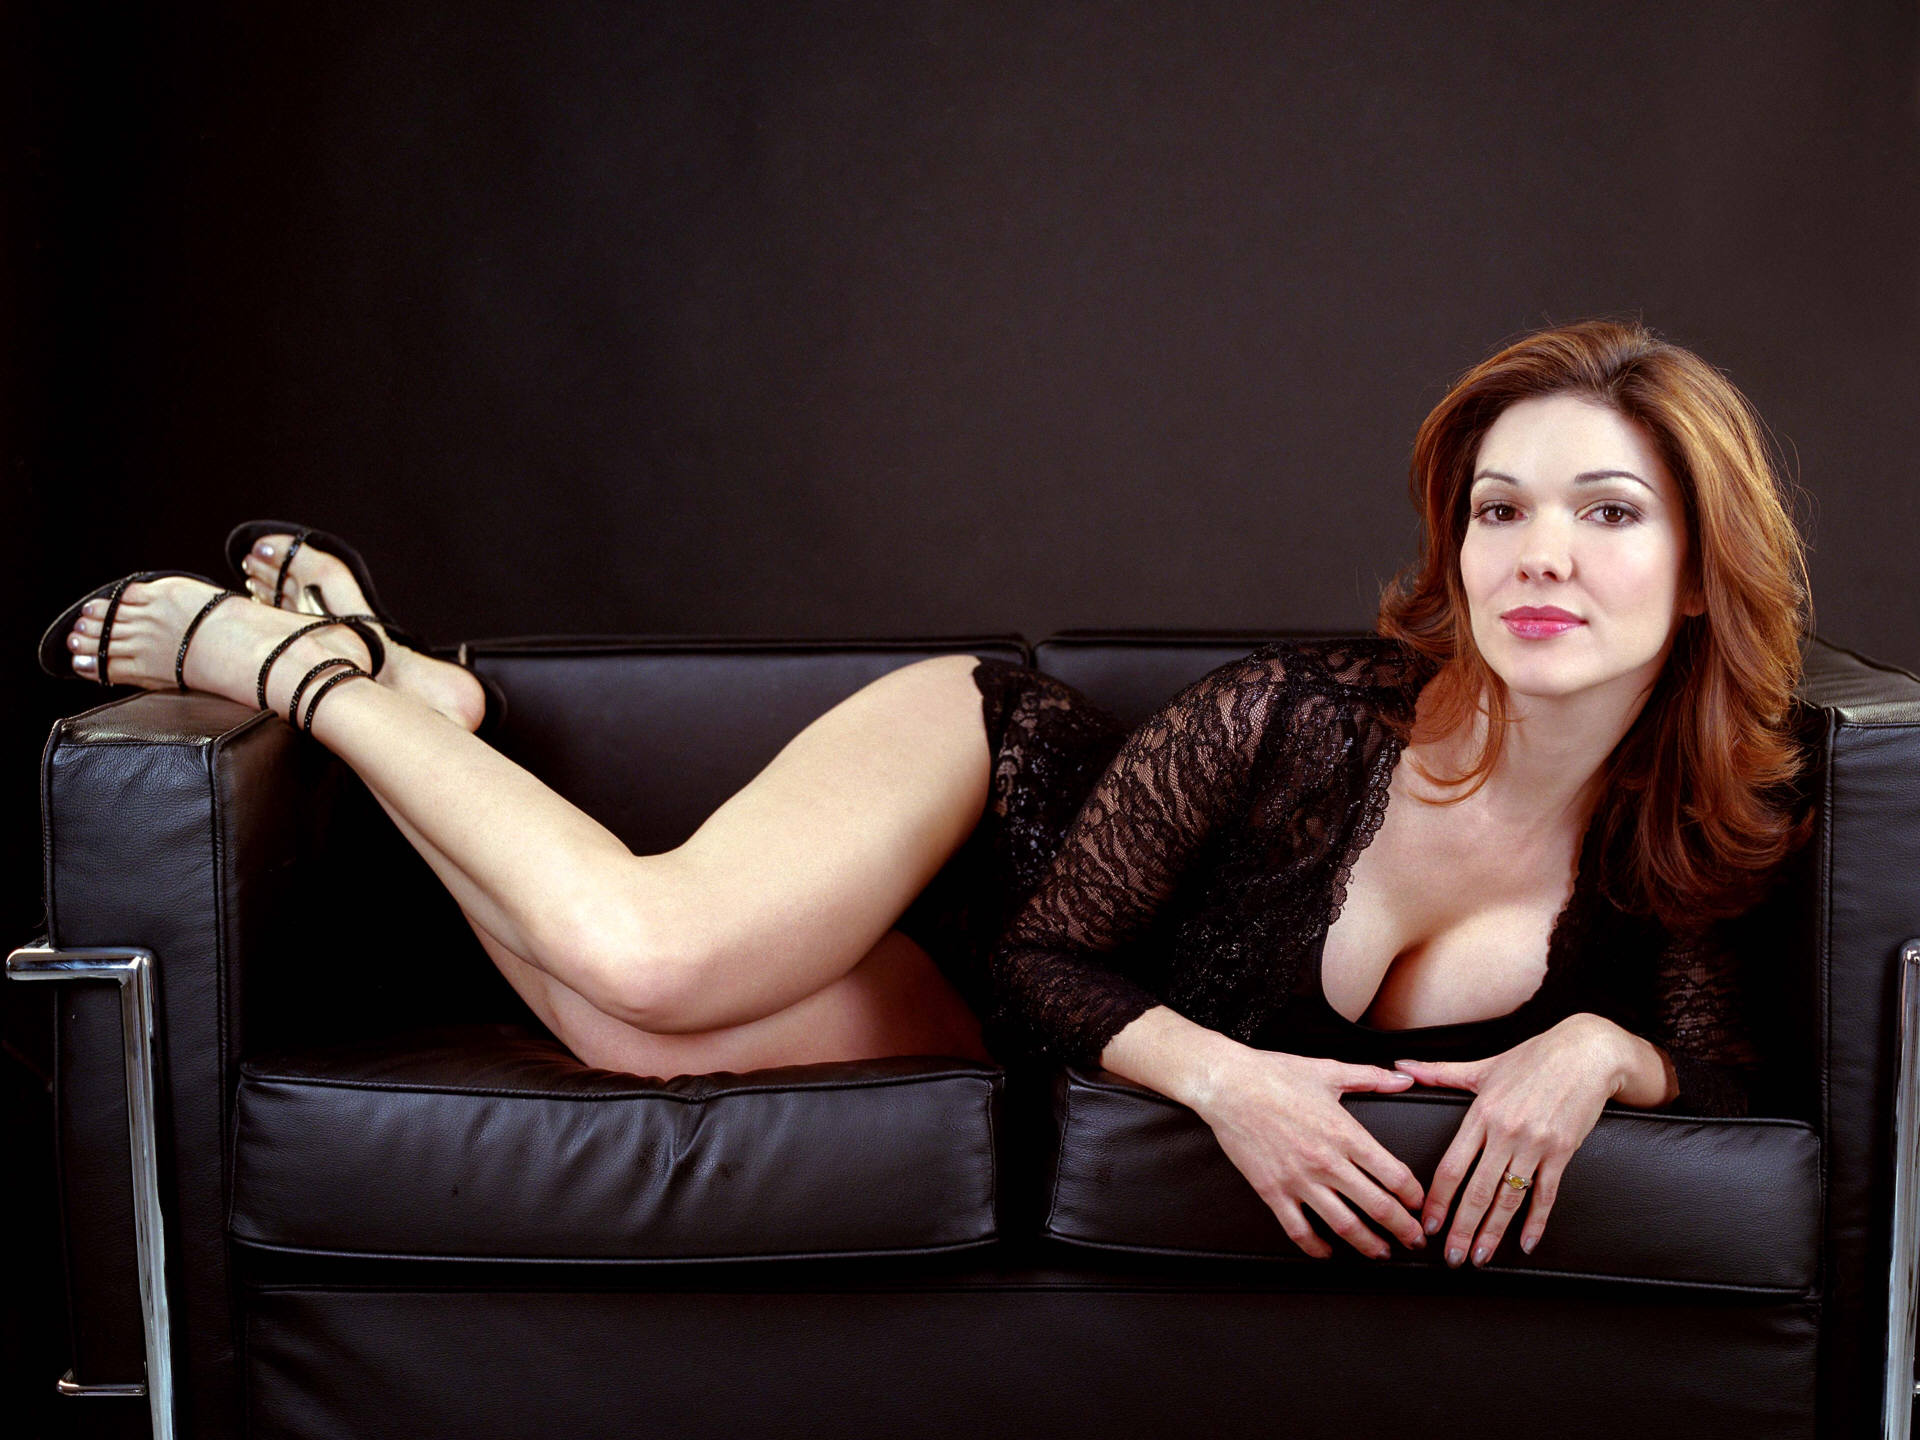 Iphone Wallpaper Gossip Girl Poze Laura Harring Actor Poza 3 Din 143 Cinemagia Ro